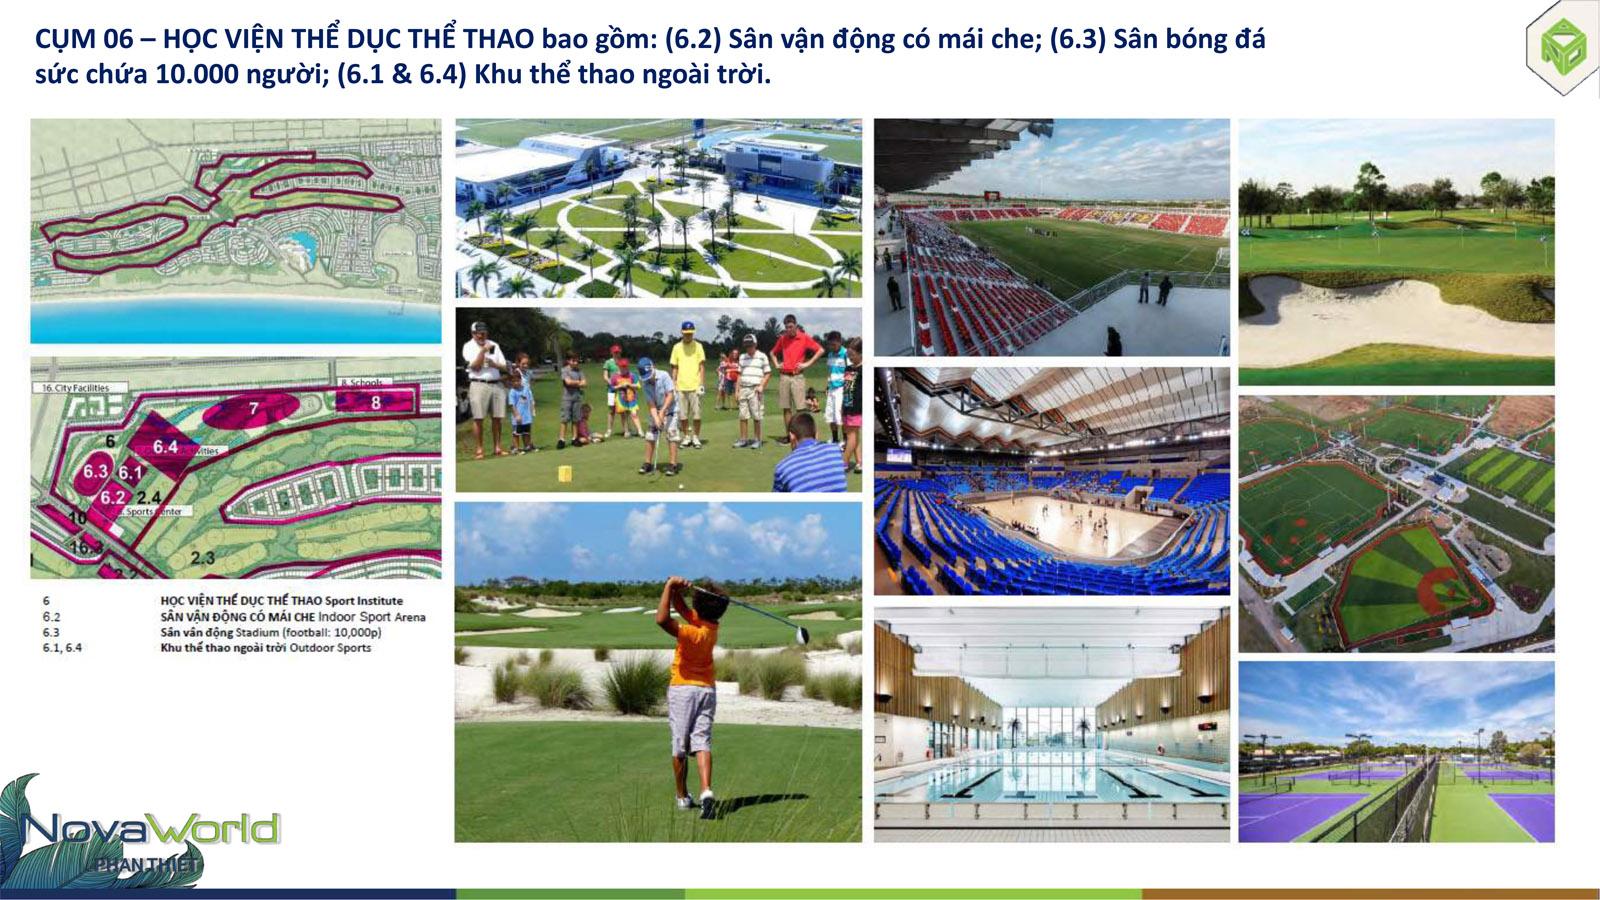 Cụm tiện ích Học viện thể thao dự án NovaWorld Phan Thiết